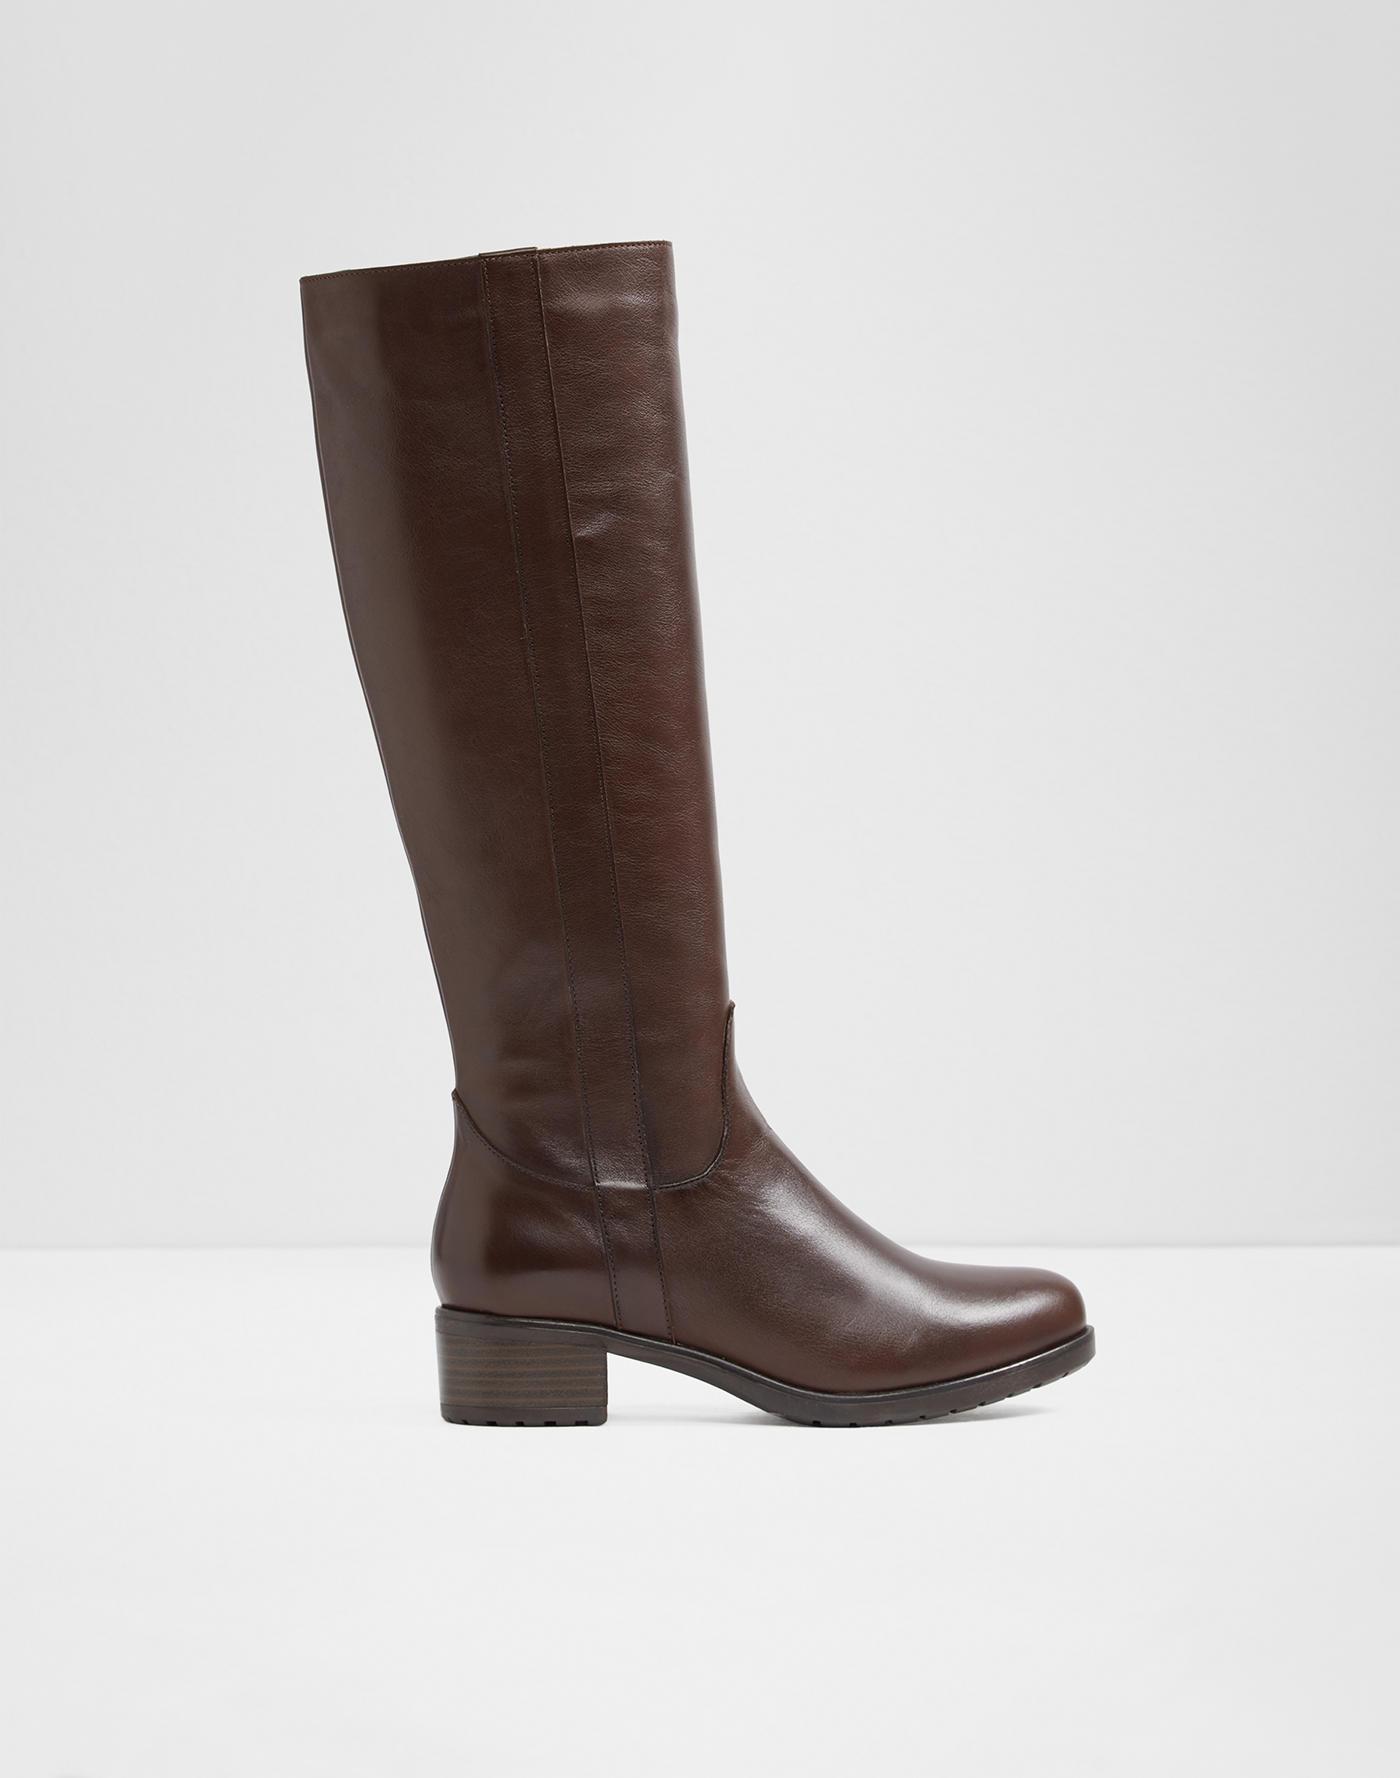 07920d815a4 Boots